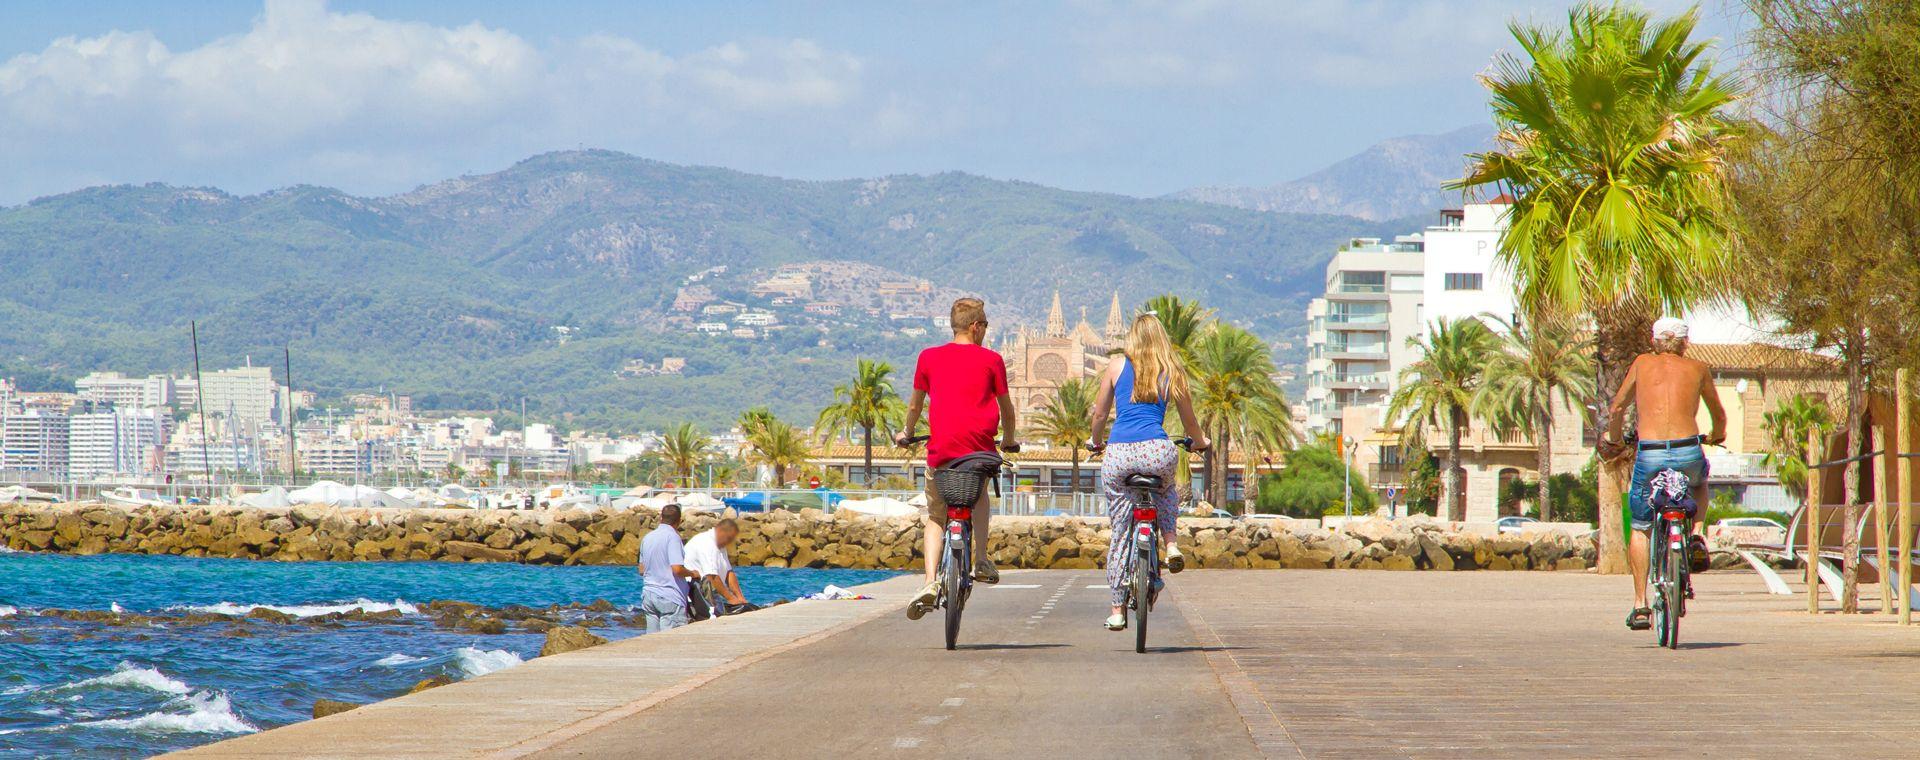 Image Tour de l'île de Majorque